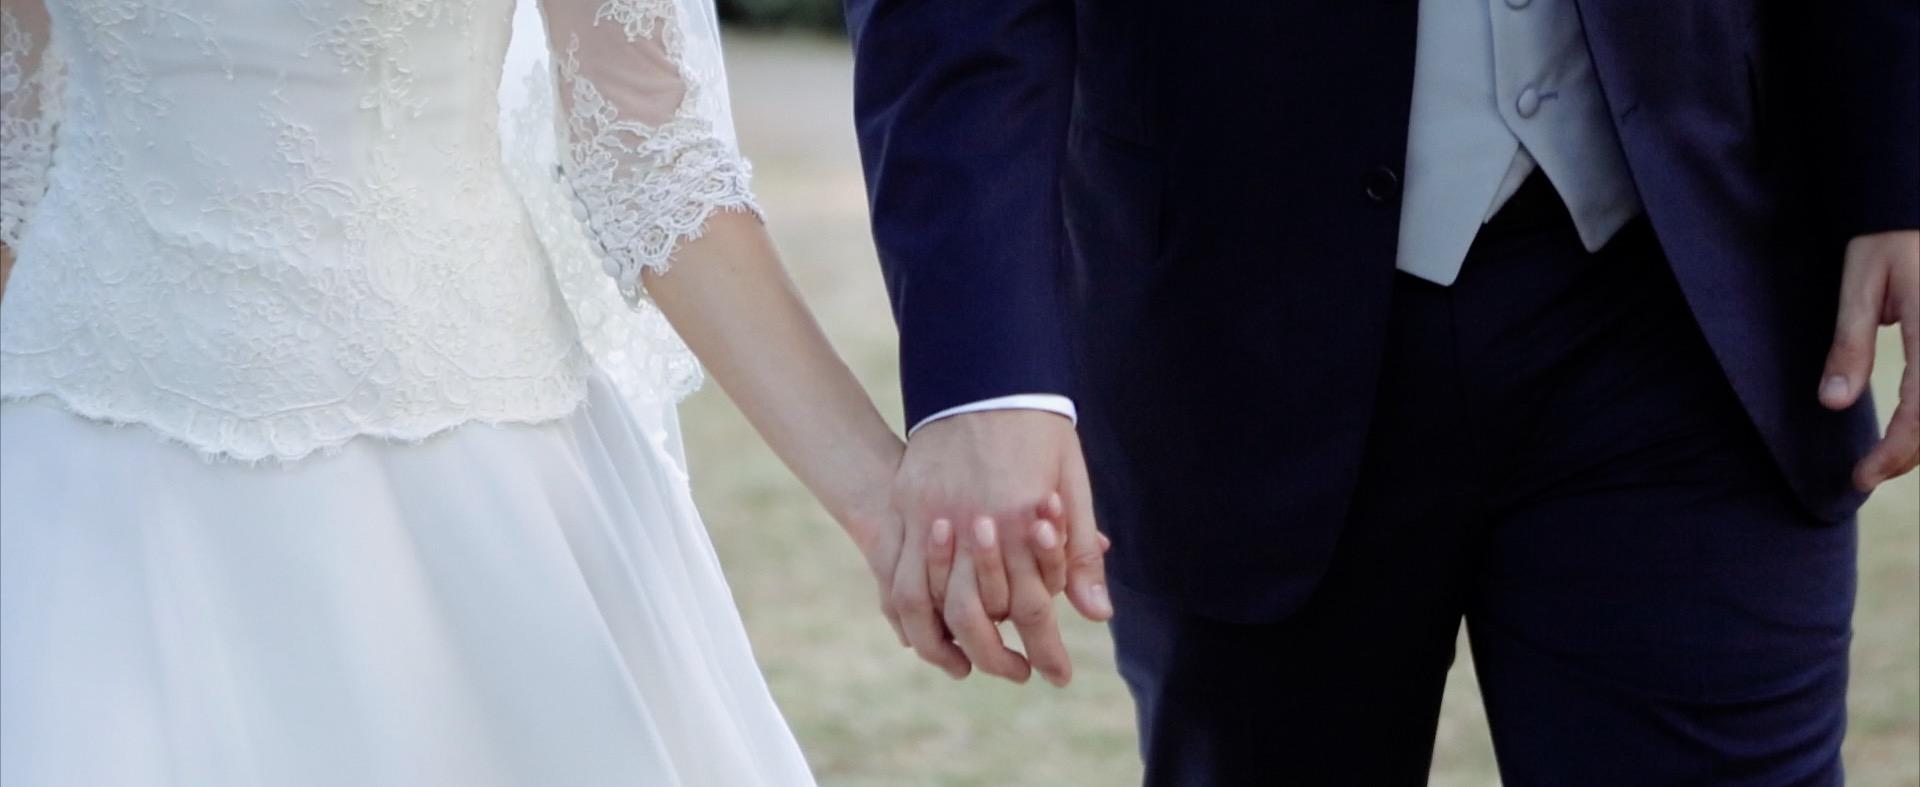 Matrimonio alle scuderie odescalchi bracciaano